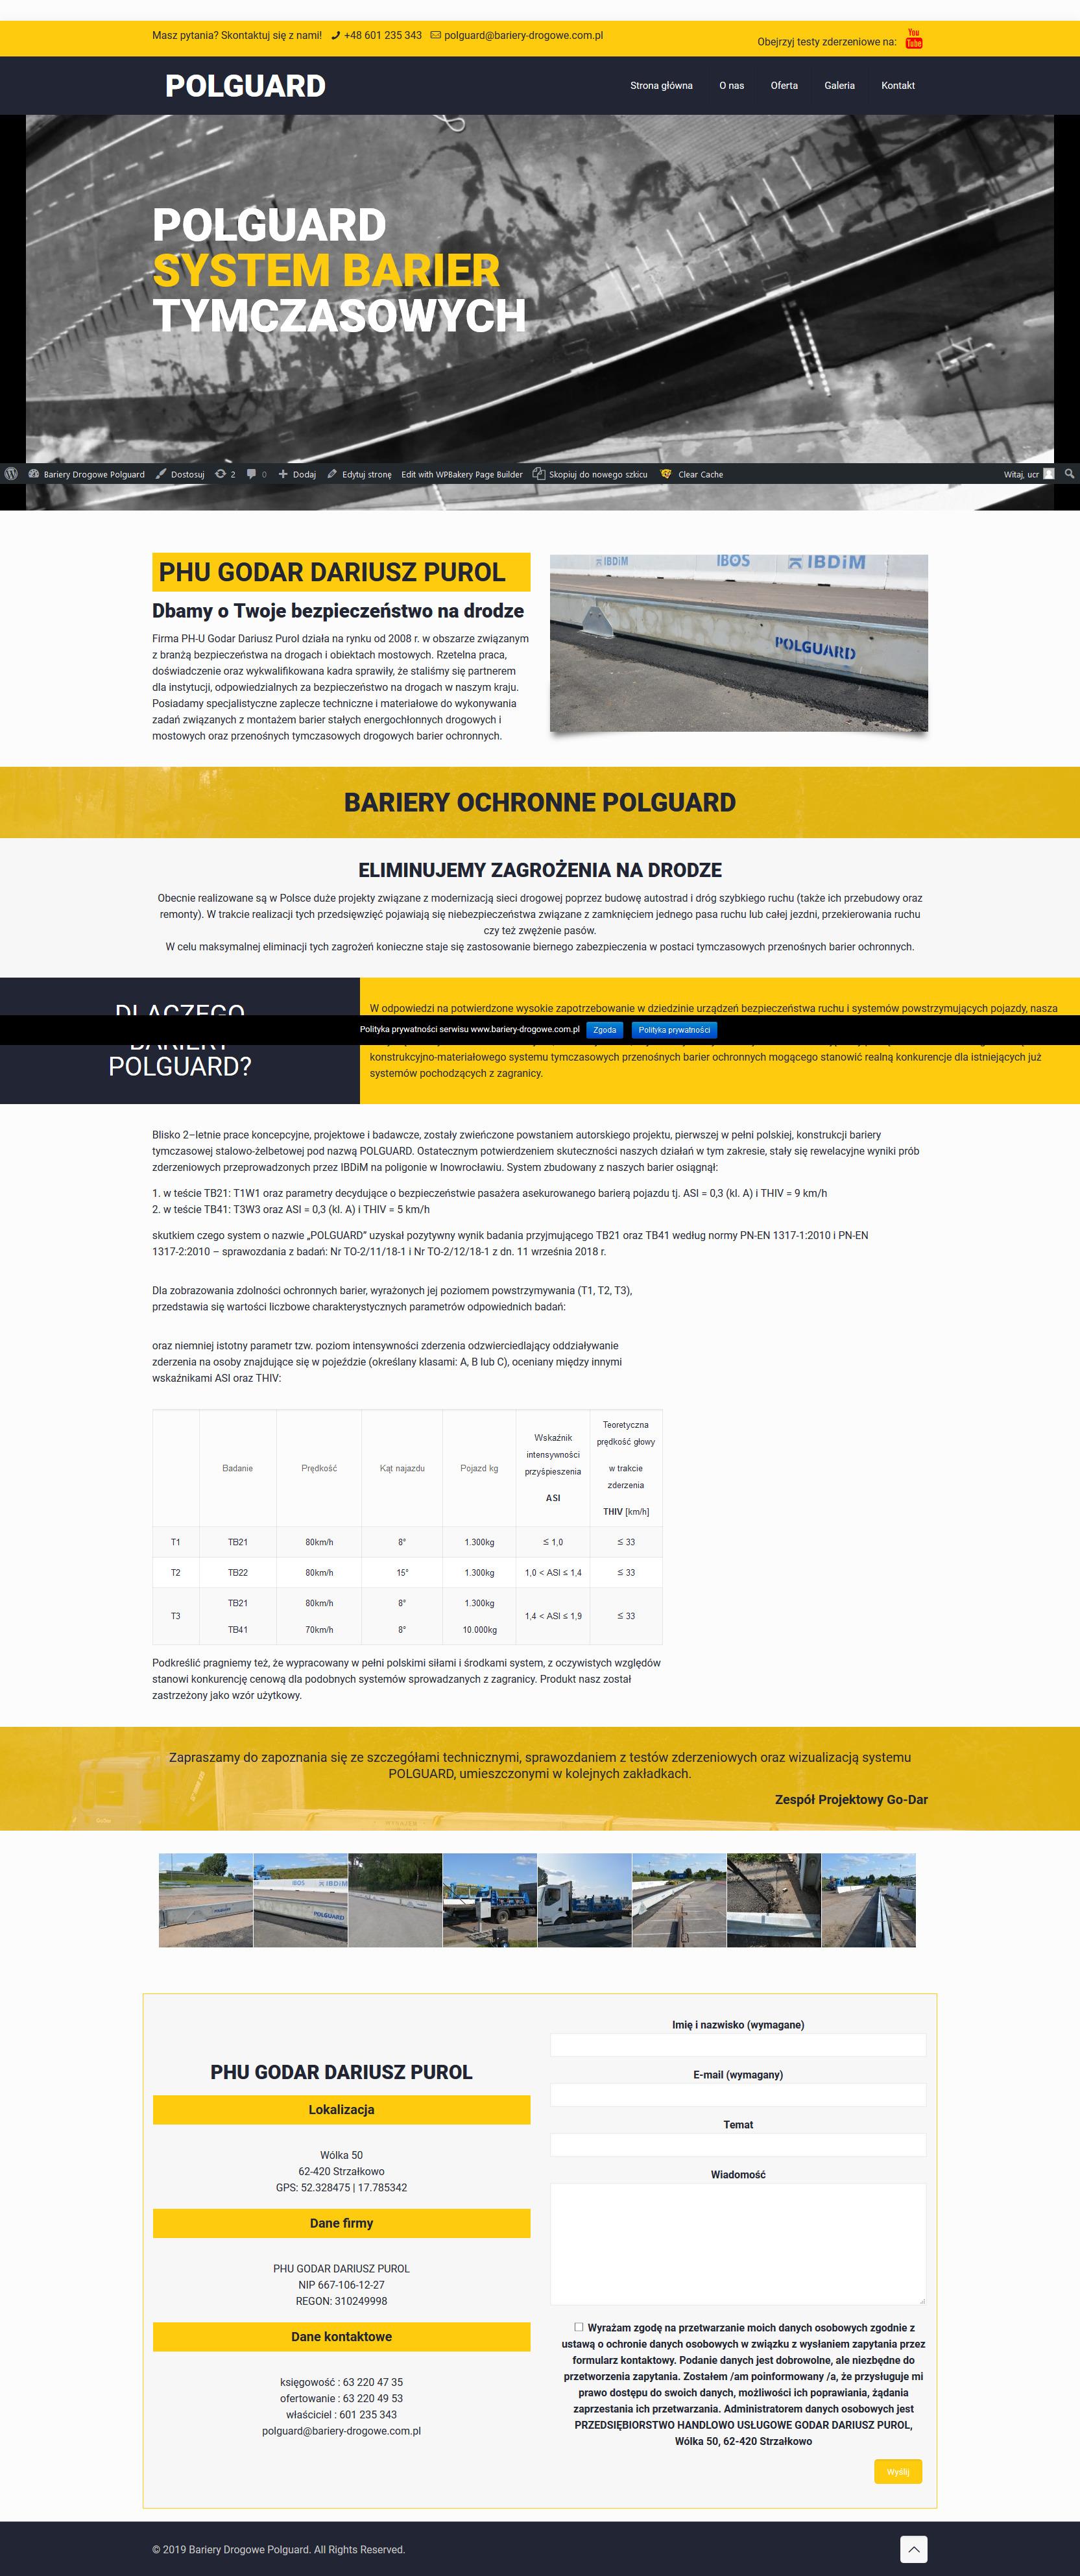 Bariery Polguard - bariery tymczasowe i przestawne, oznakowanie tymczasowe dróg